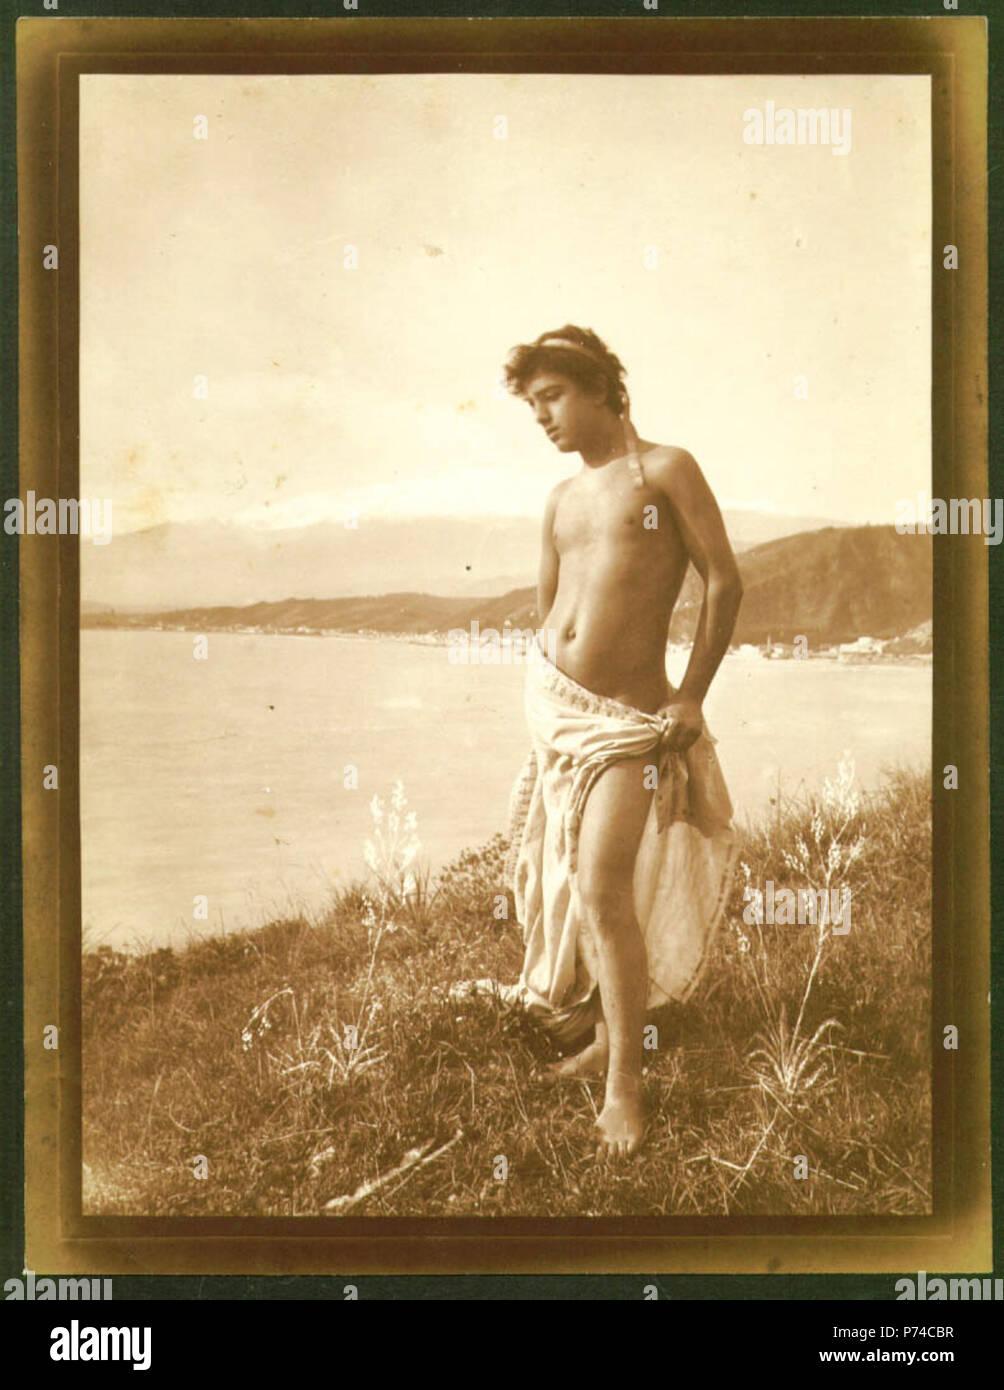 Italiano: Wilhelm von Gloeden (1856-1931), ragazzo sulla riva del mare. Numero di catalogo: 1211. Il positivo è datato 1913. Inglese: Wilhelm von Gloeden (1856-1931), ragazzo lungo la riva del mare. Numero di catalogo: 1211. La stampa è datato 1913. . Circa 1900. Stampa: 1913. 129 Gloeden, Wilhelm von (1856-1931) - n. 1211 r - datato 1913 - da - Gloedeneries p. 29 Immagini Stock